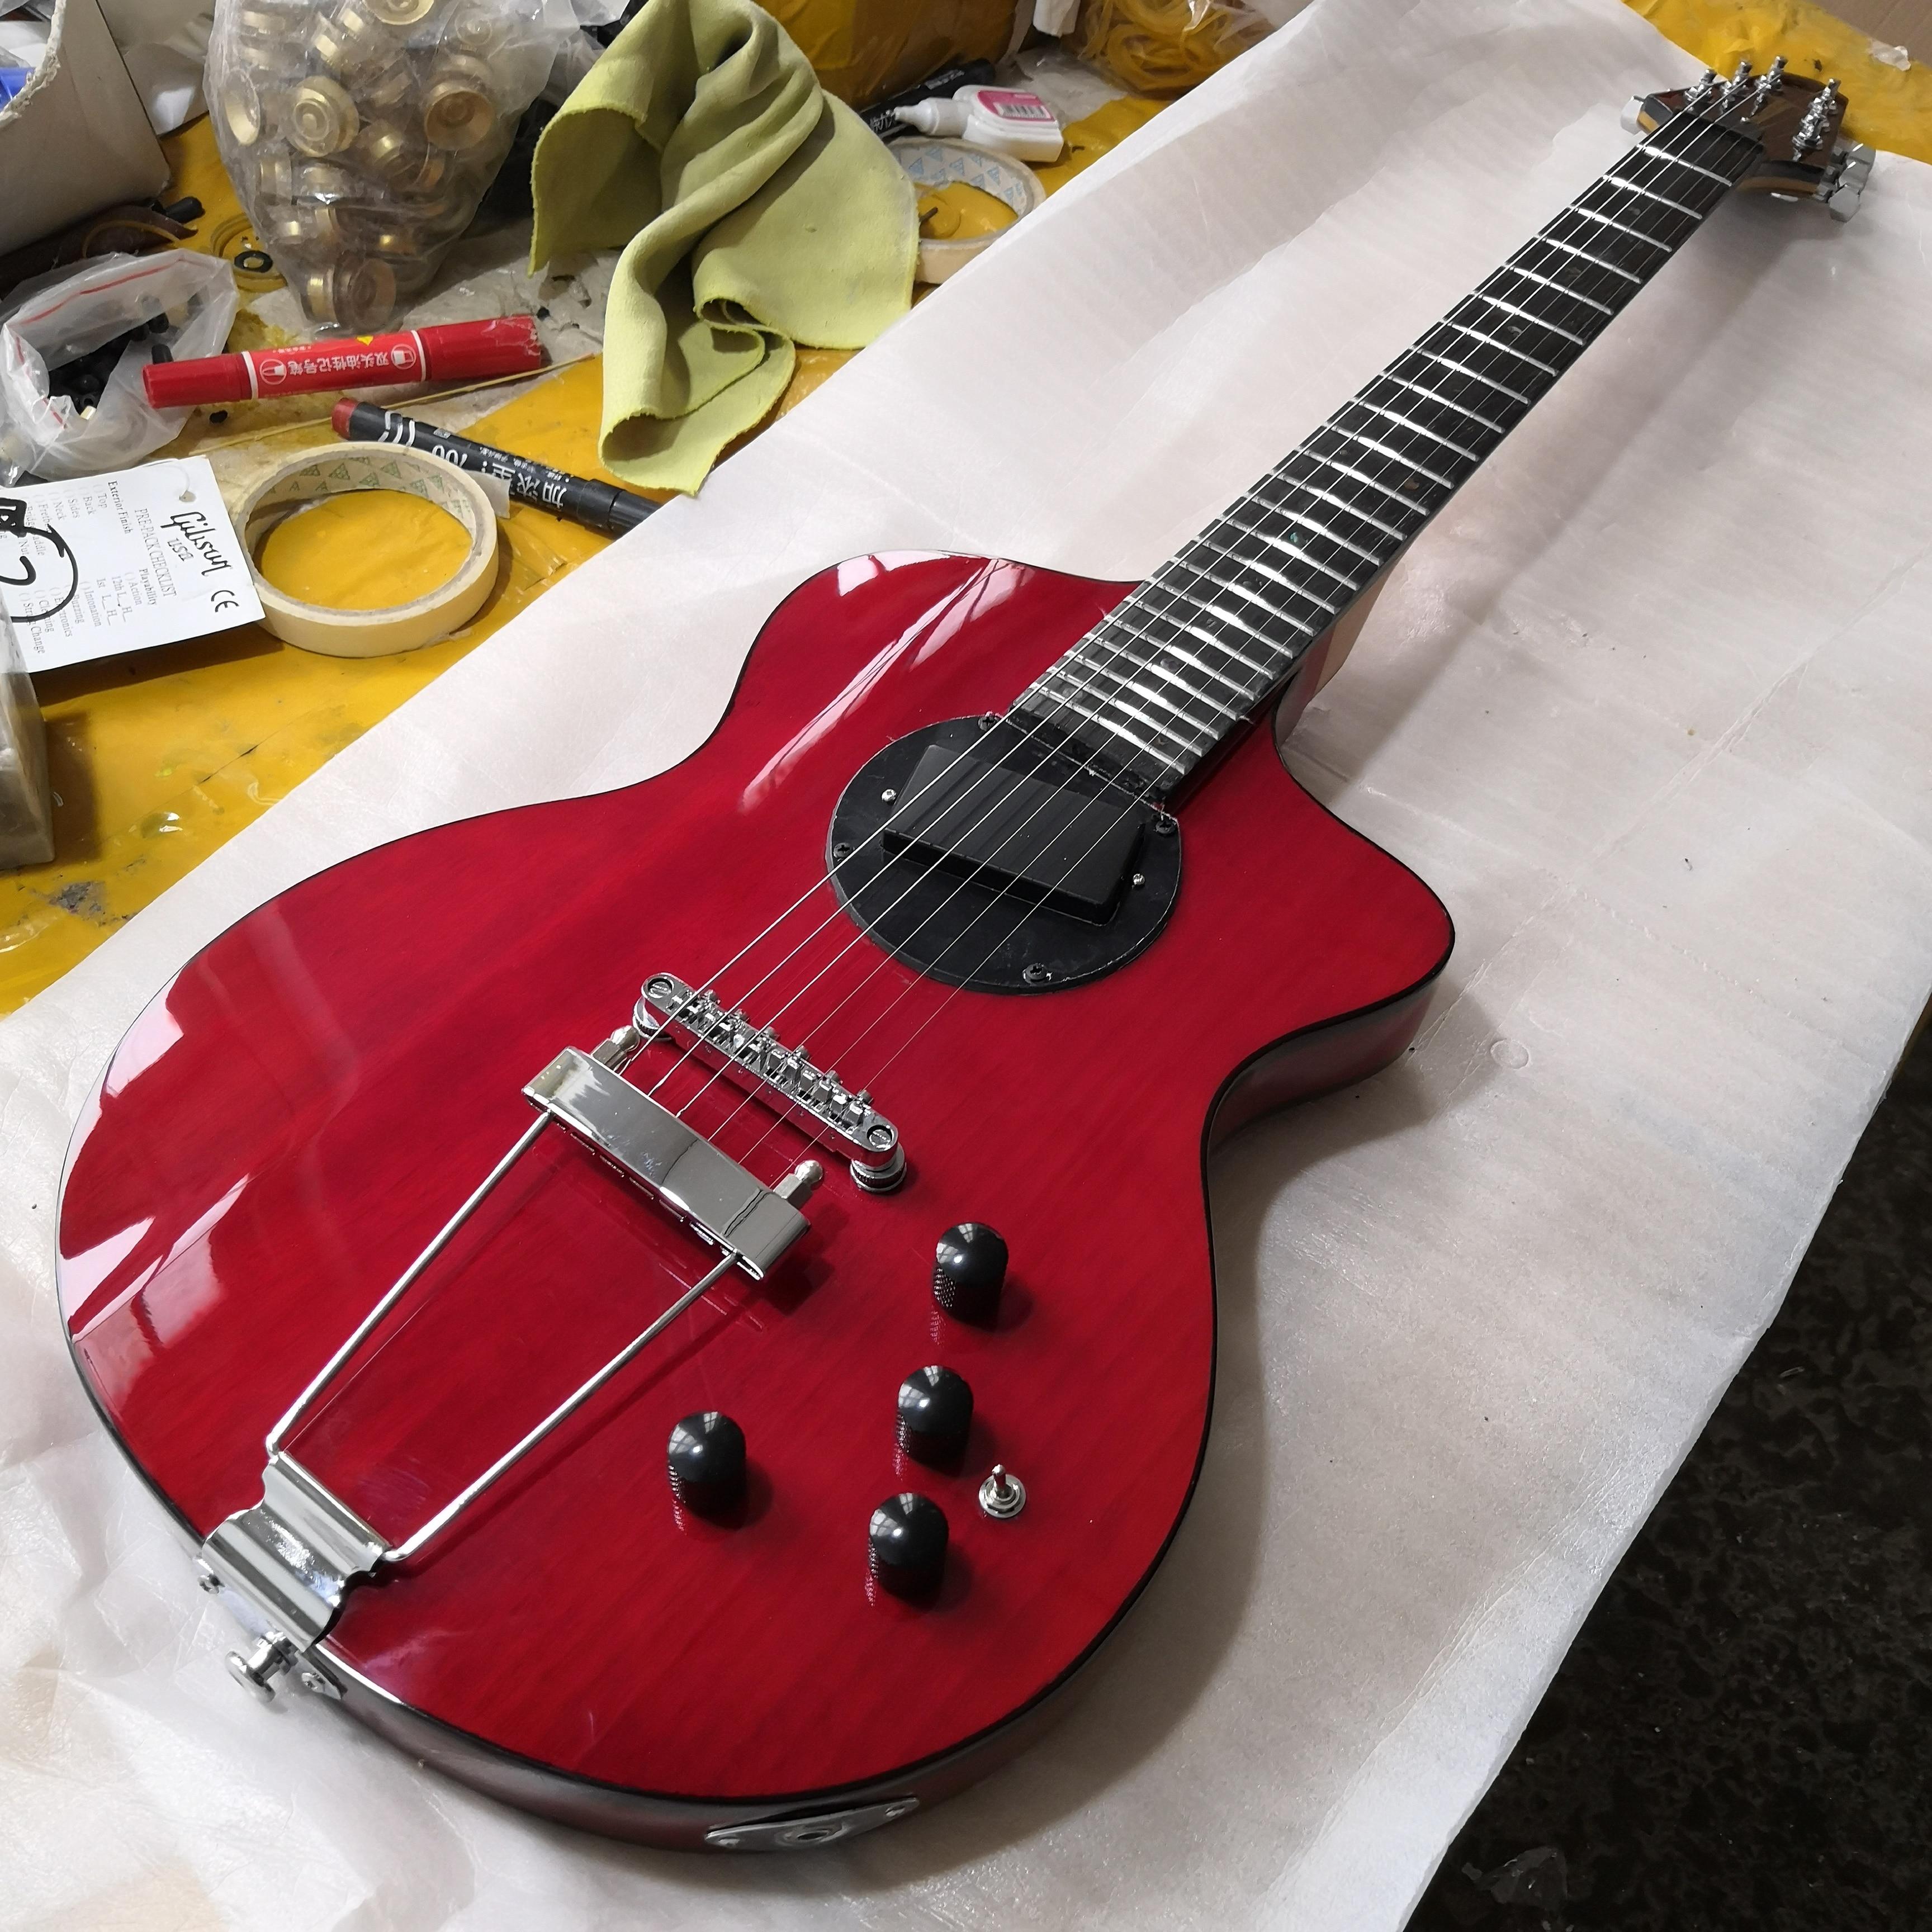 Новая специальная гитара античная Вишня 2 хорошие аксессуары для гитары электрогитары